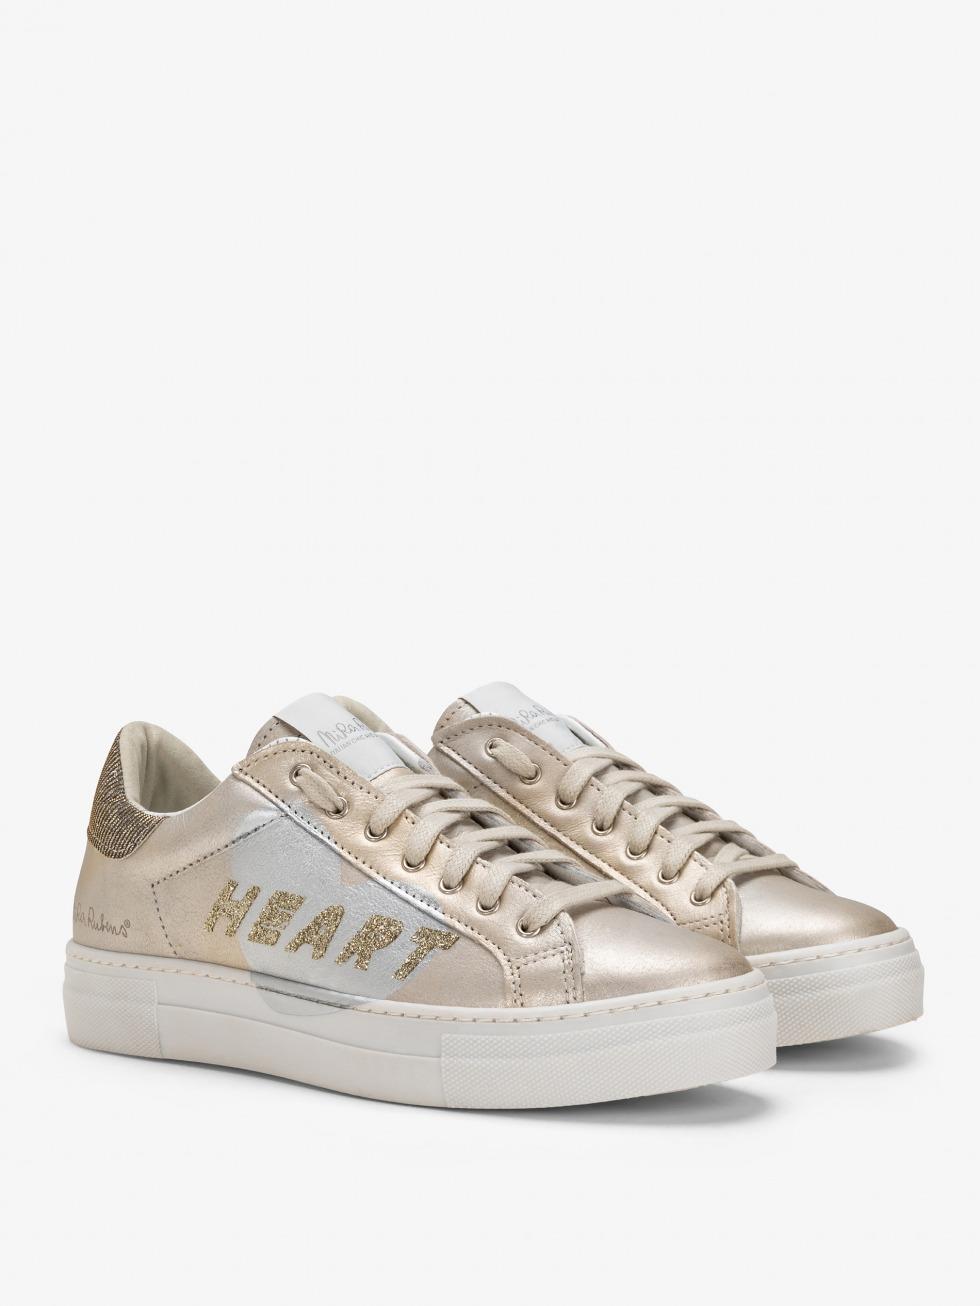 Sneakers Martini - Shine Gold Glitter Cuore